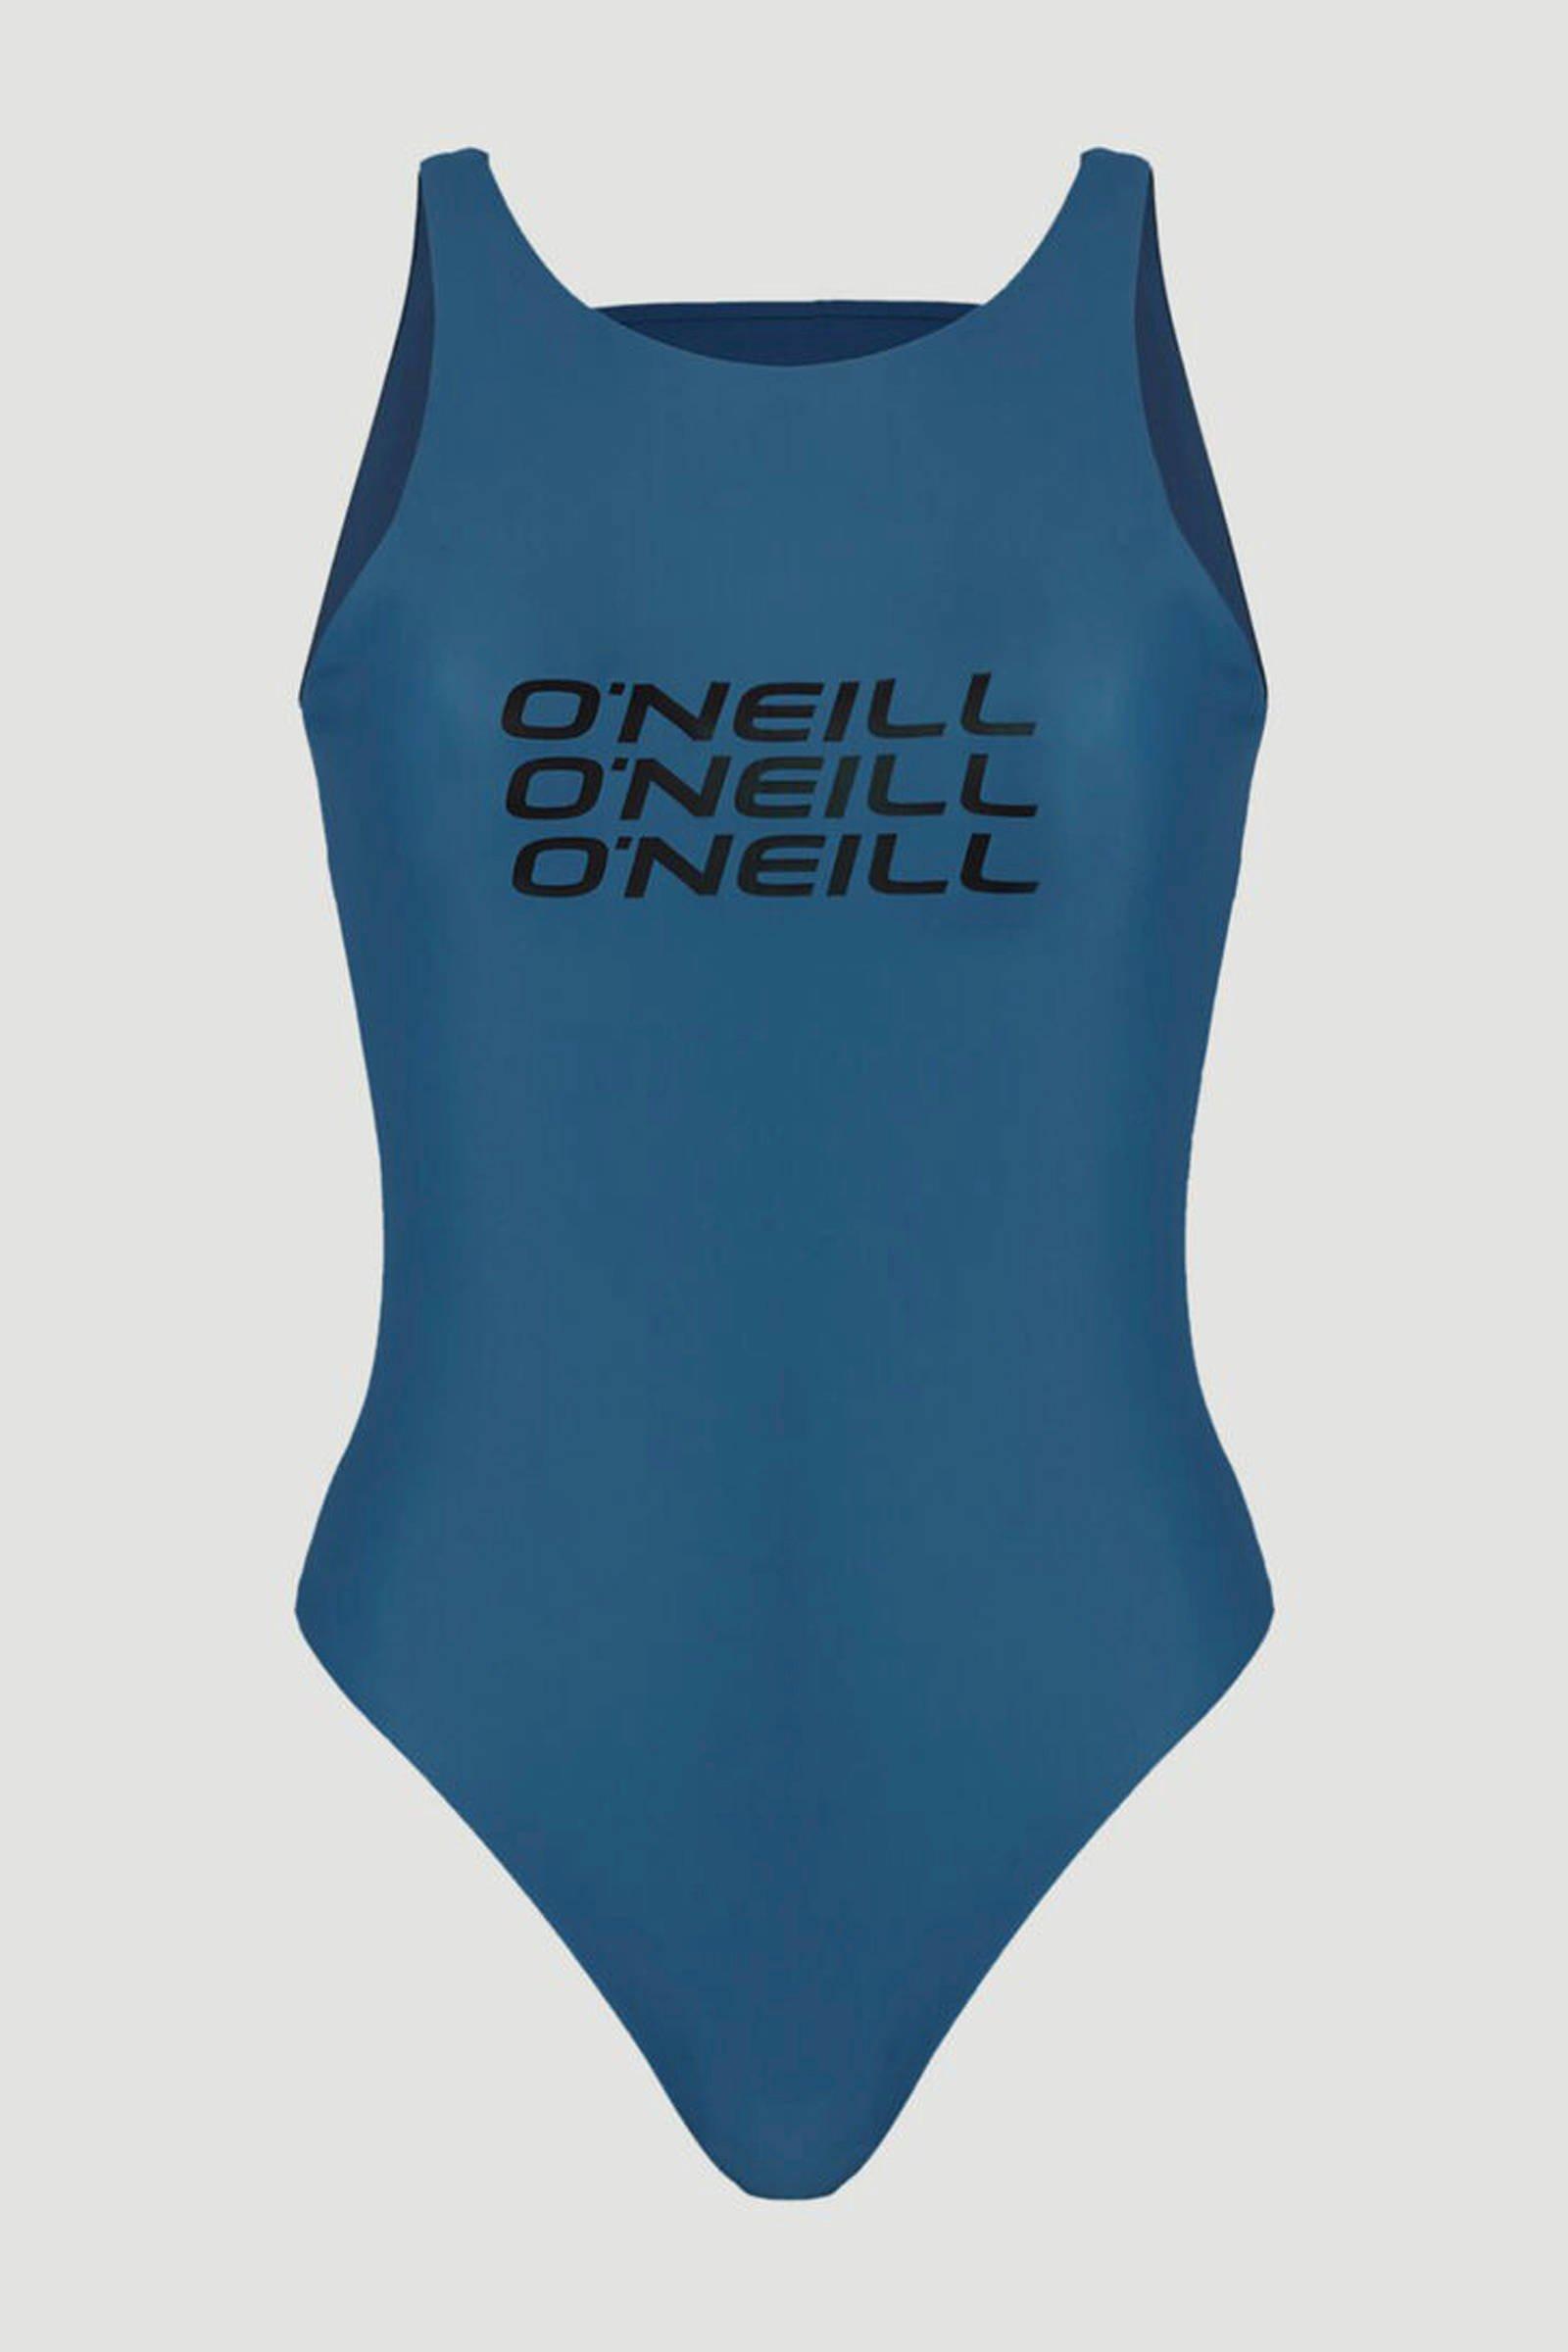 O'Neill high leg badpak Logo blauw online kopen